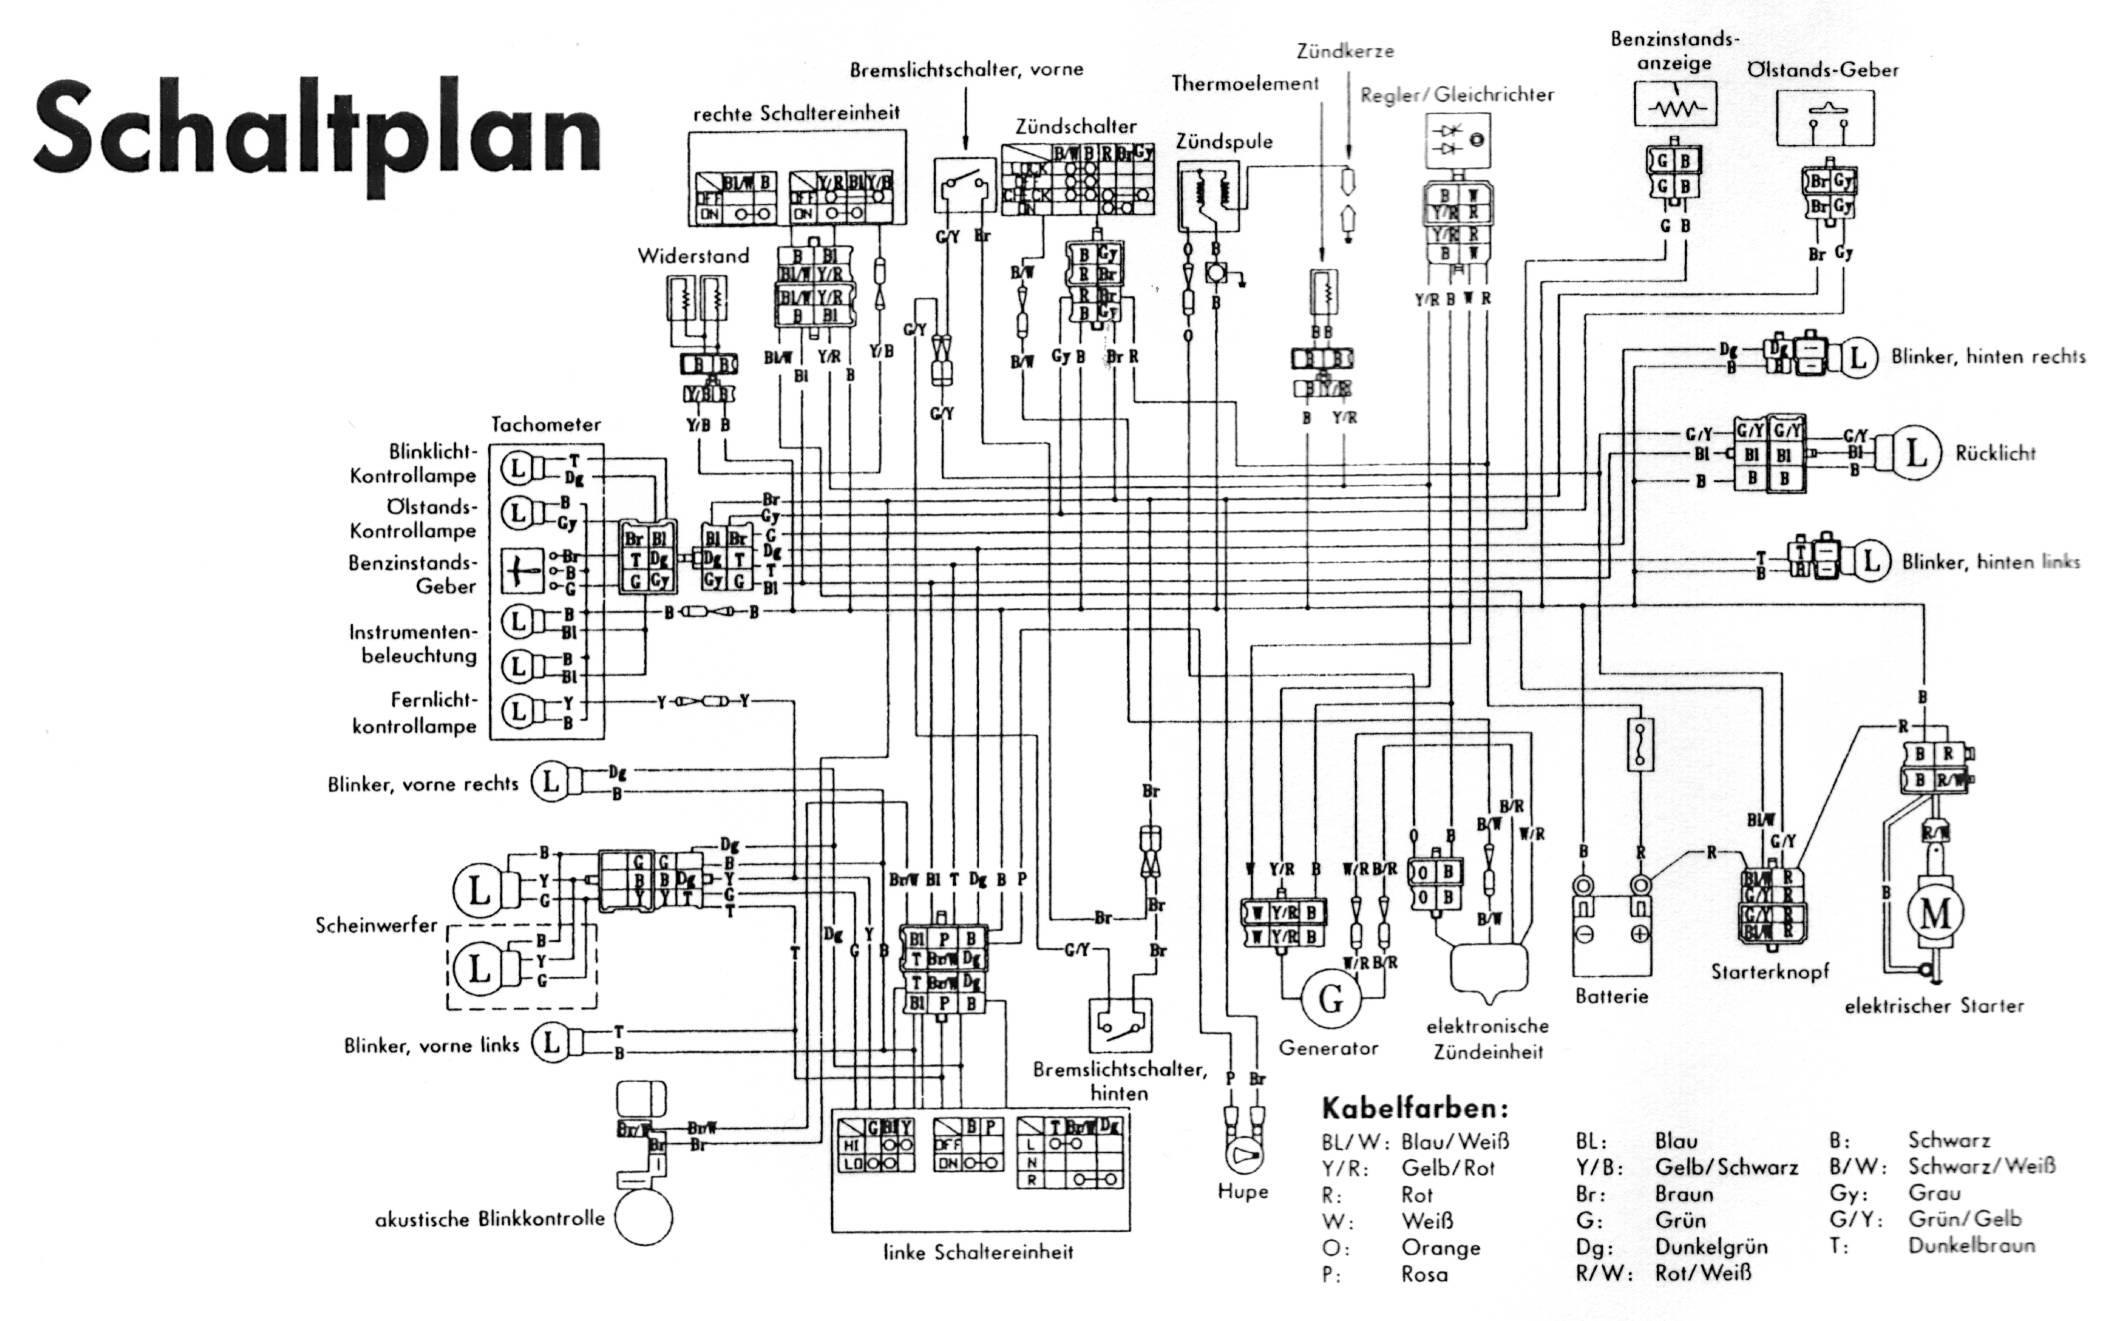 Niedlich 49cc Roller Schaltplan Galerie - Der Schaltplan - triangre.info